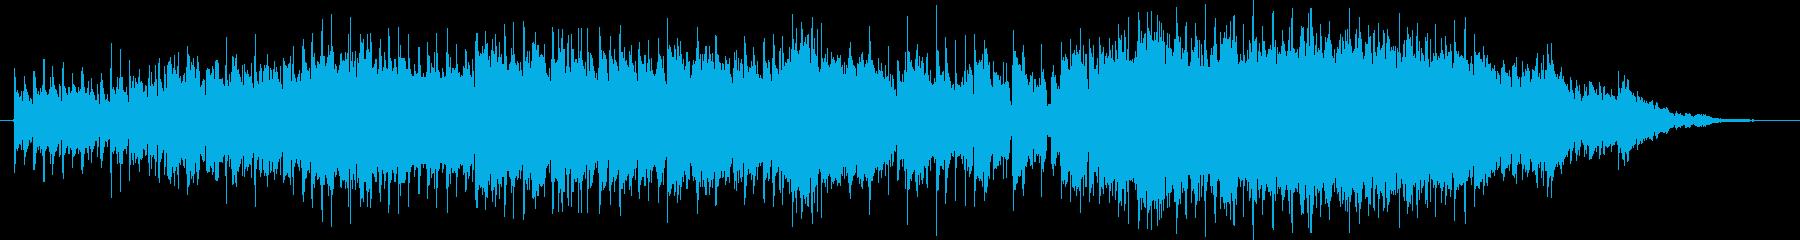 懐かしいレトロなシンセサイザーの曲の再生済みの波形